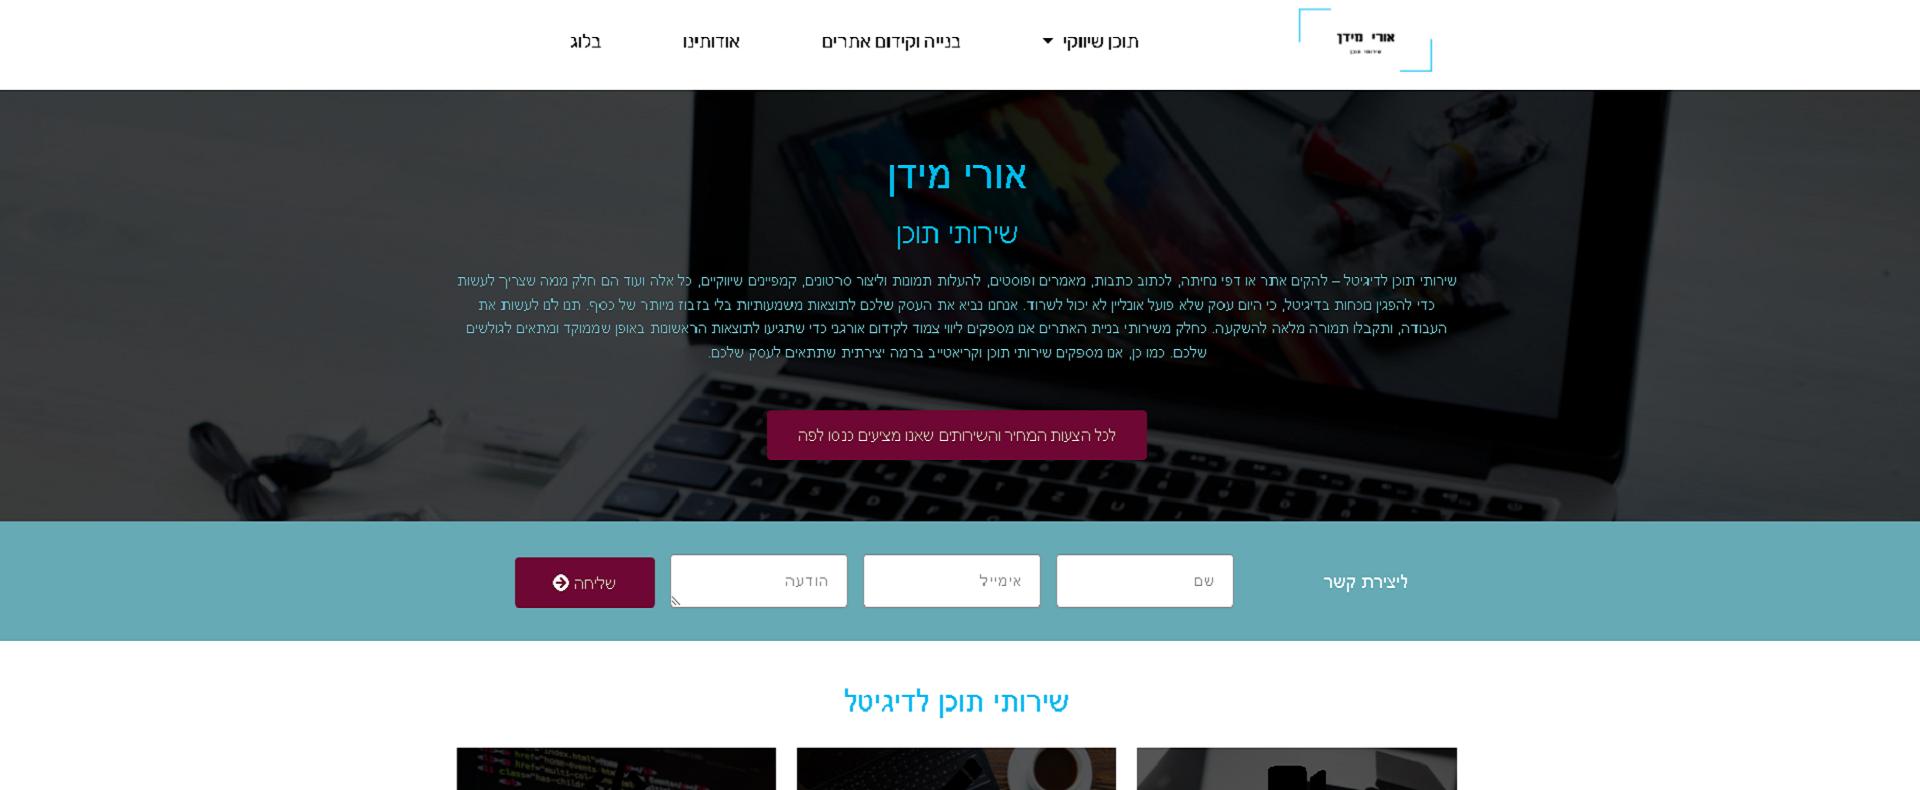 צילום מסך דף הבית אורי מידן שירותי תוכן